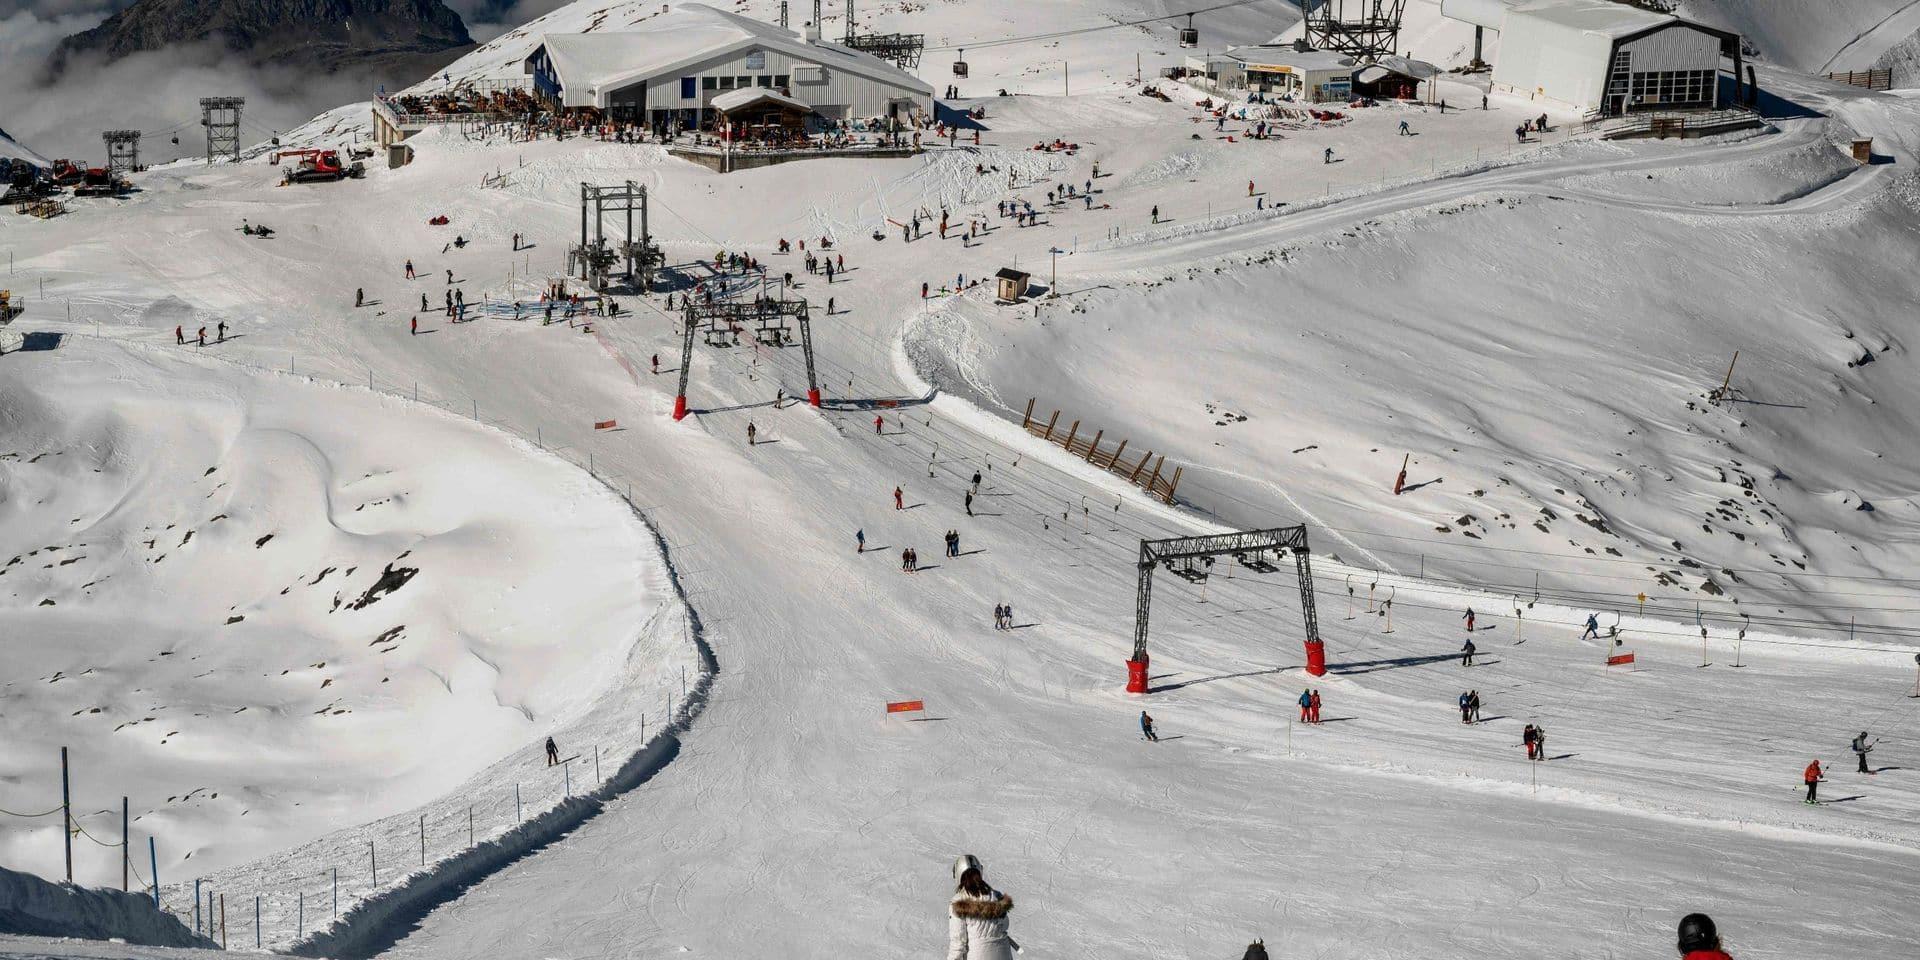 Les pays européens pour une fermeture des stations de ski durant les vacances de Noël, sauf l'Autriche